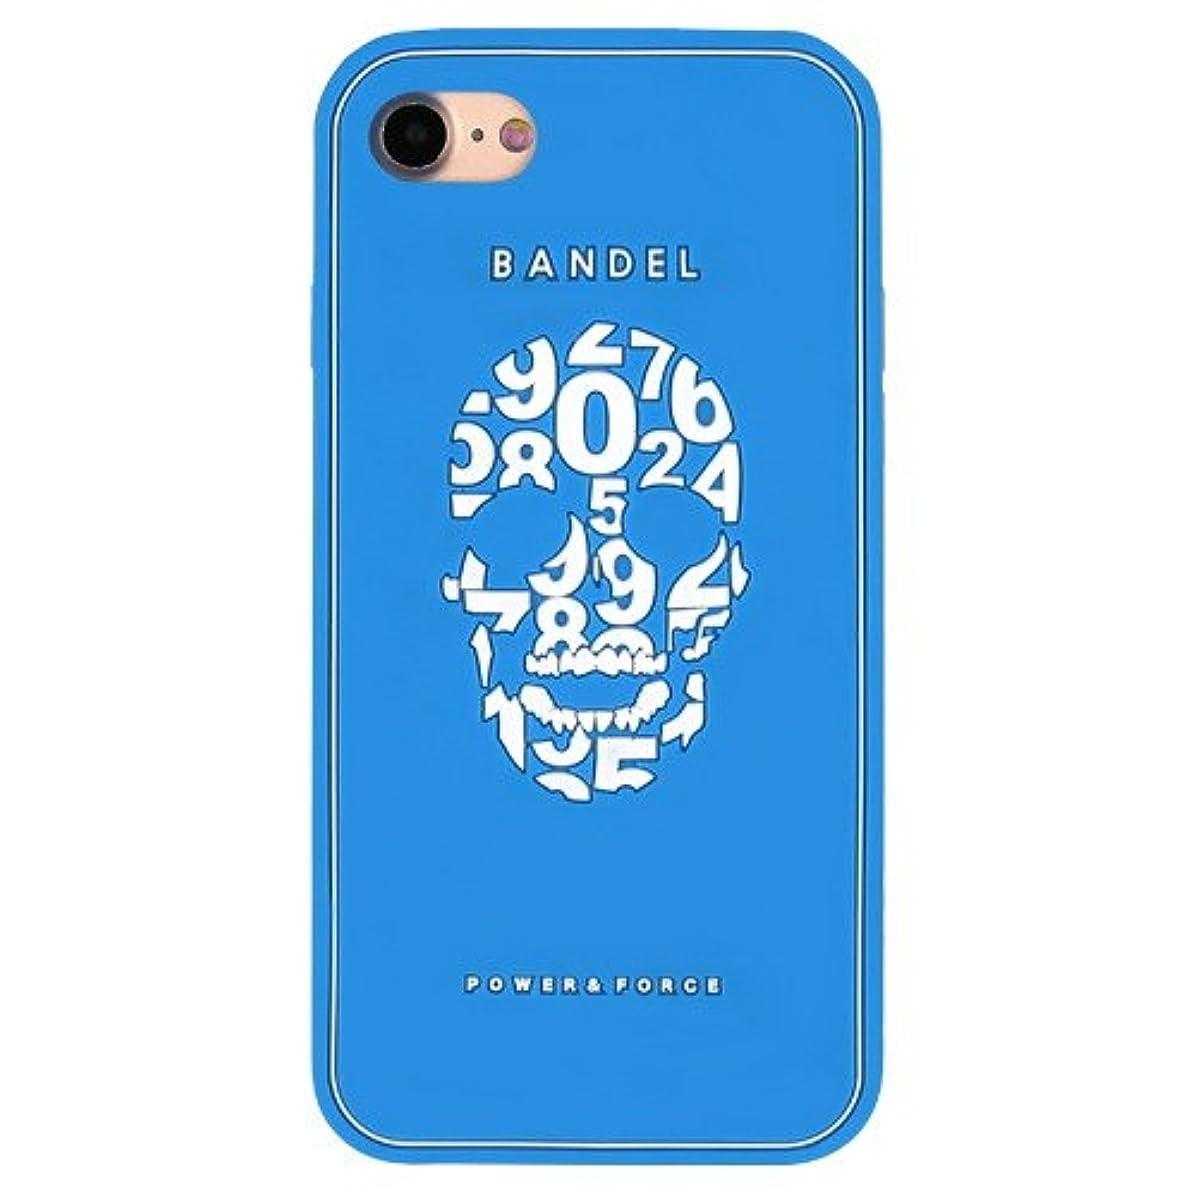 宿泊施設びっくりした多様なバンデル(BANDEL) スカル iPhone 7専用 シリコンケース [ブルー]